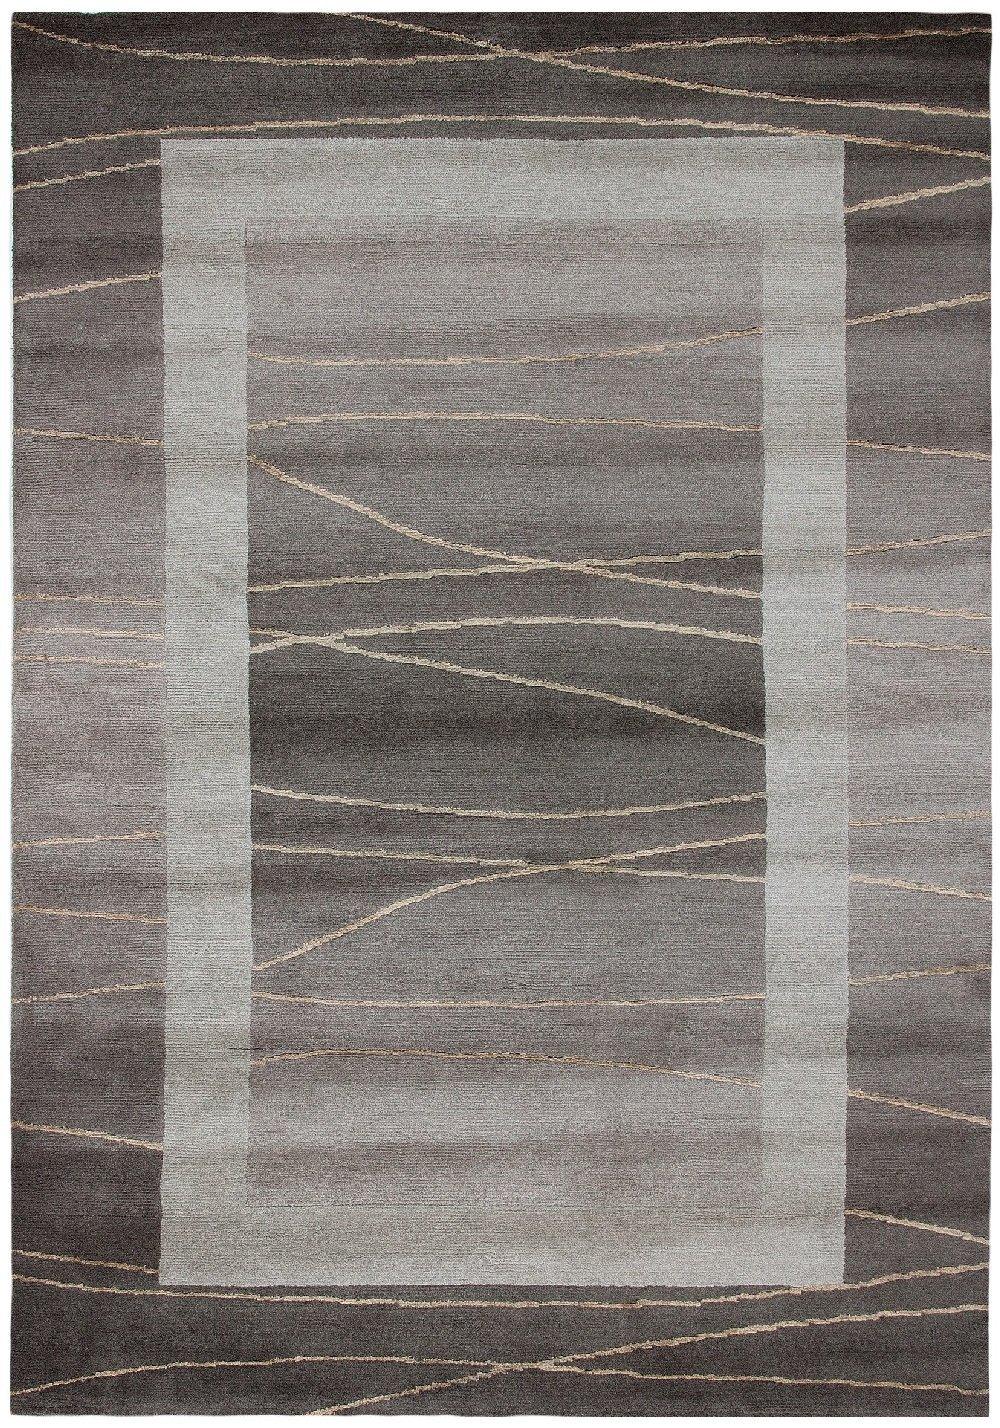 """Sona-Lux Nepal Teppich handgeknüpft hellbraun """"Größe auswählen"""" 200 x 300 cm"""